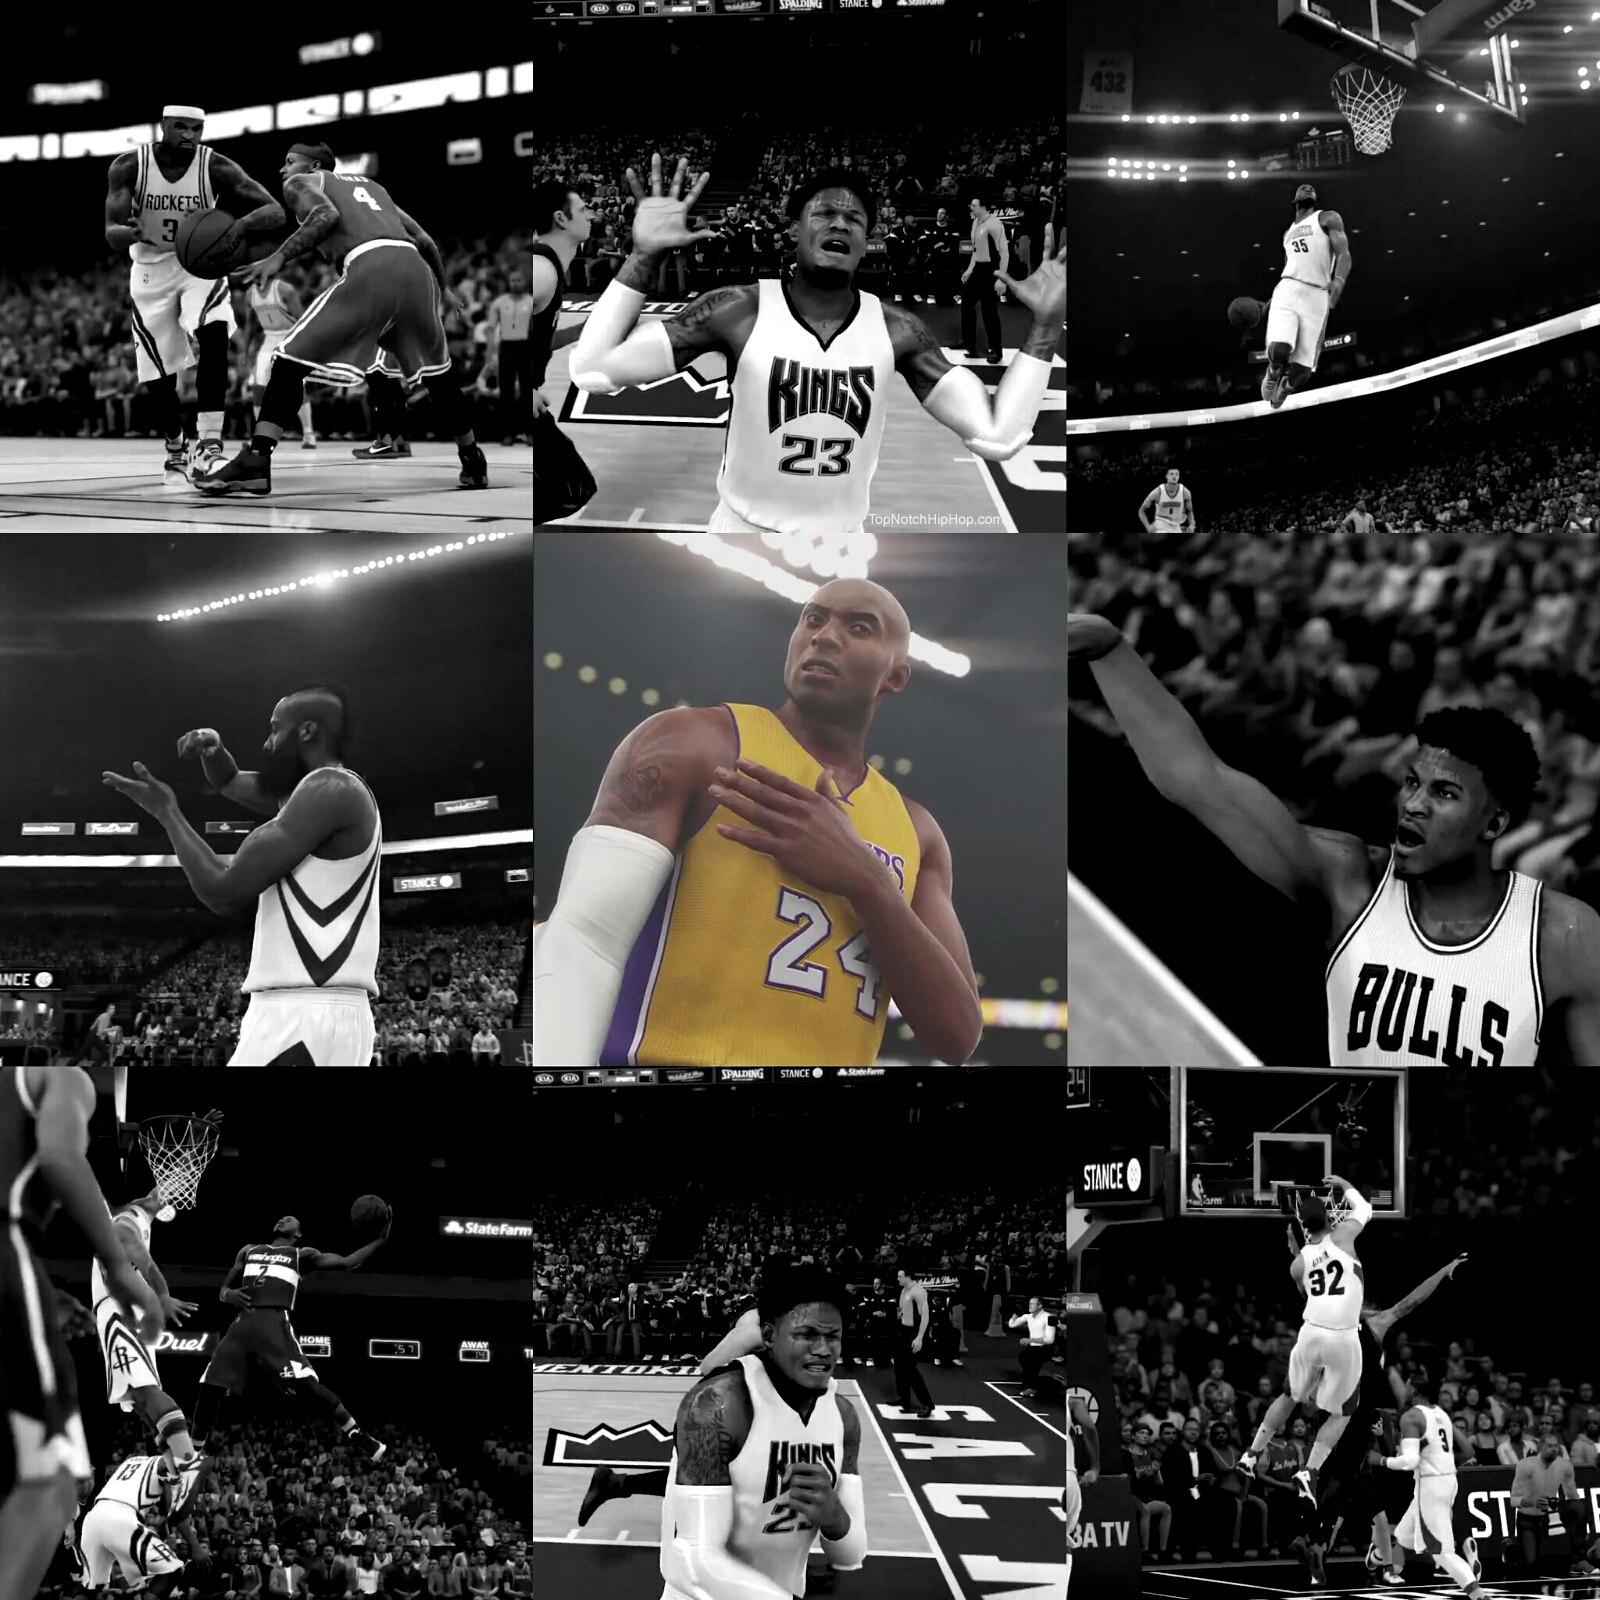 Злой Коби в игре НБА2К16 2015 года